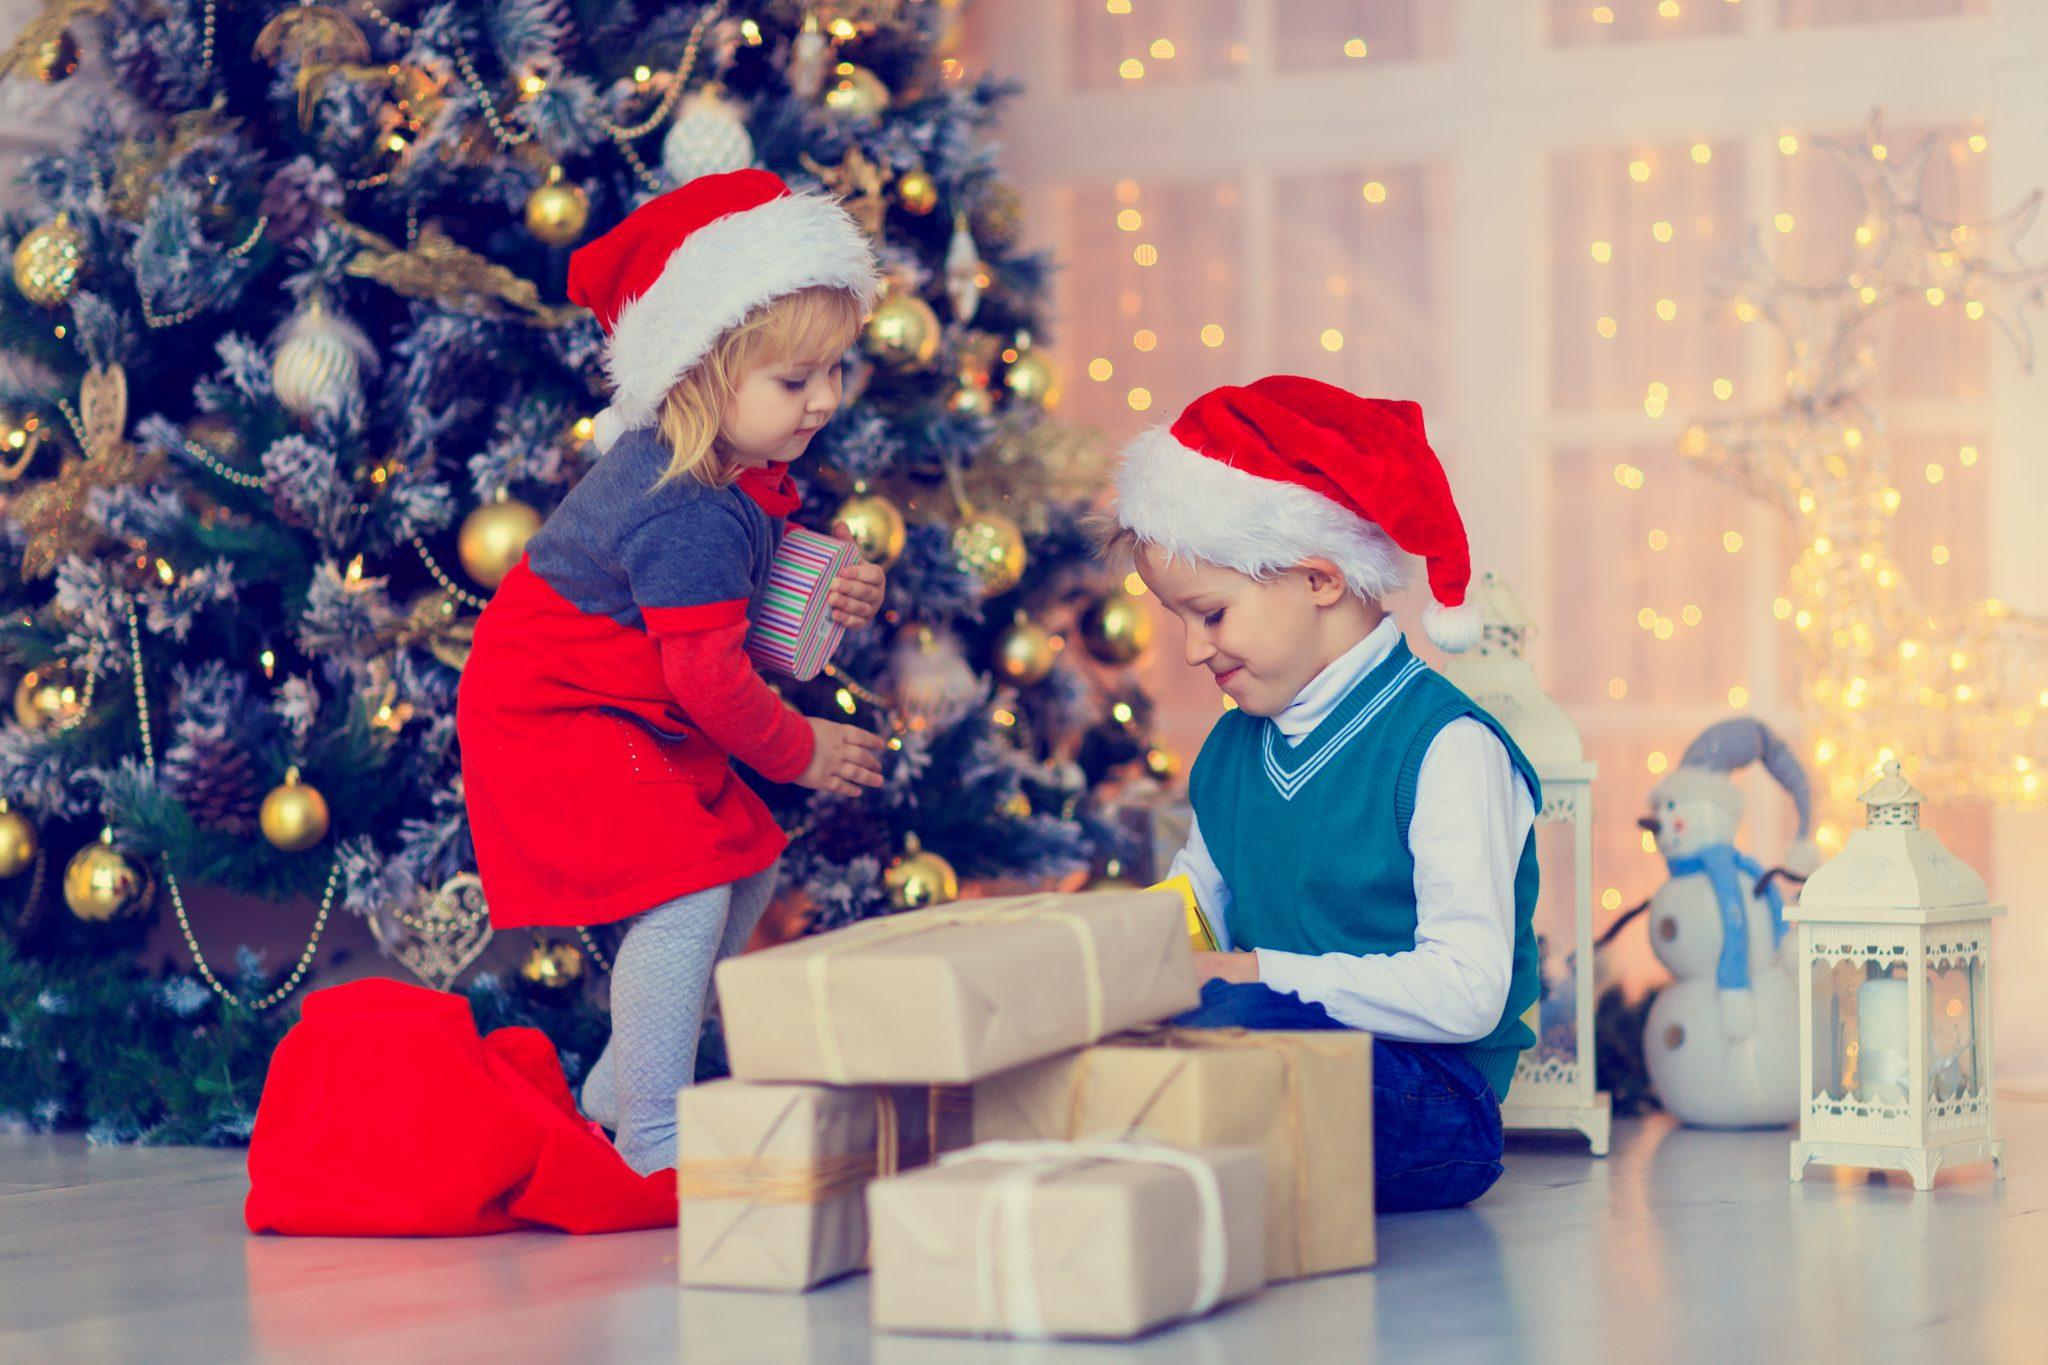 Ako vybrať vianočný darček deťom, ktoré majú všetko?